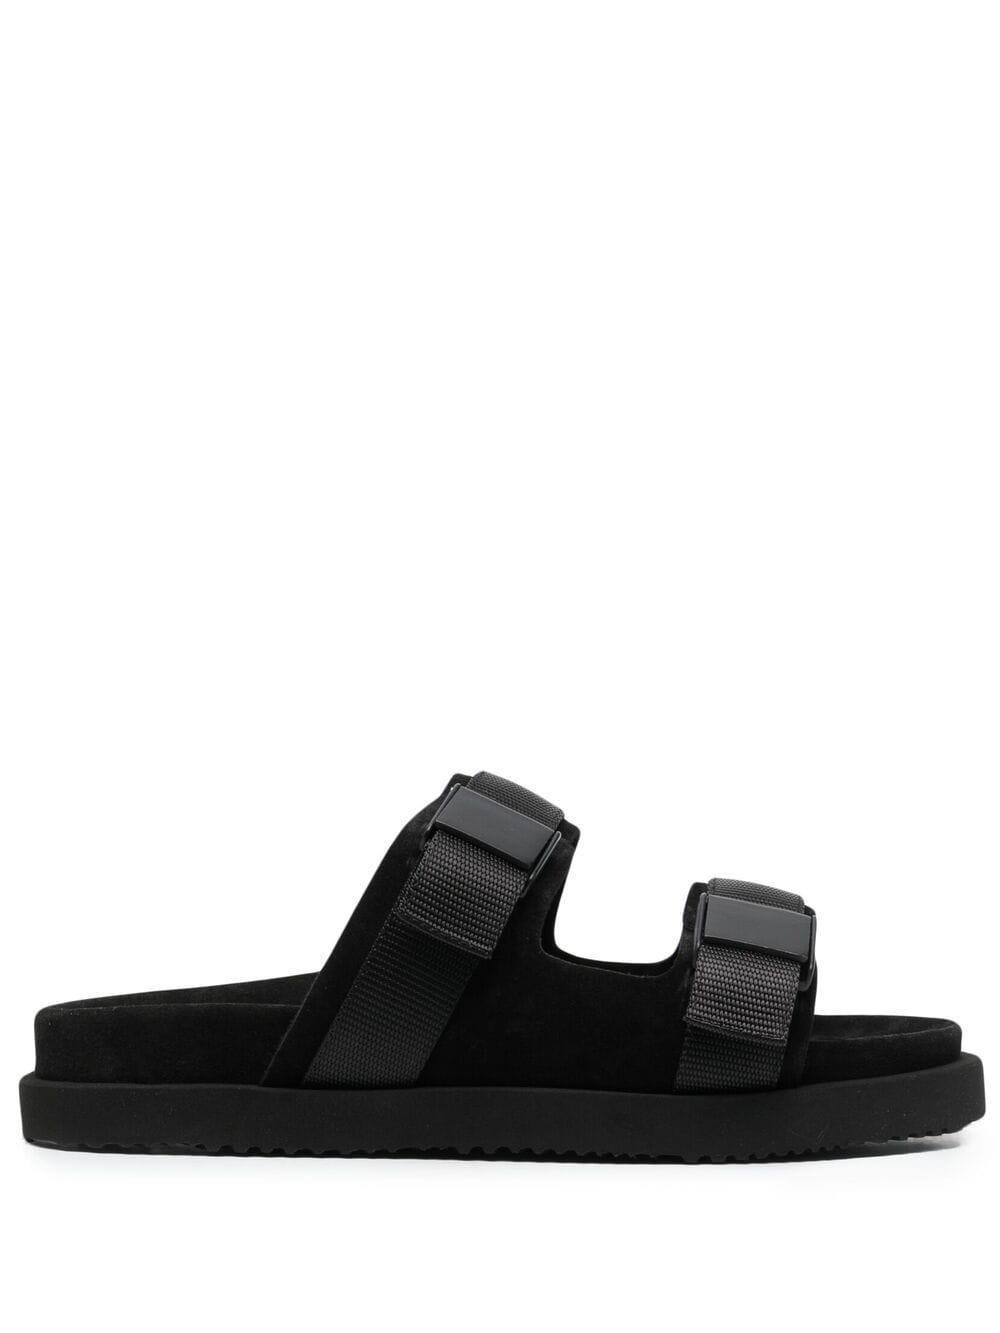 Buttero sandali con doppio cinturino uomo nero BUTTERO | Sandali | B9331VARC-UGBLACK